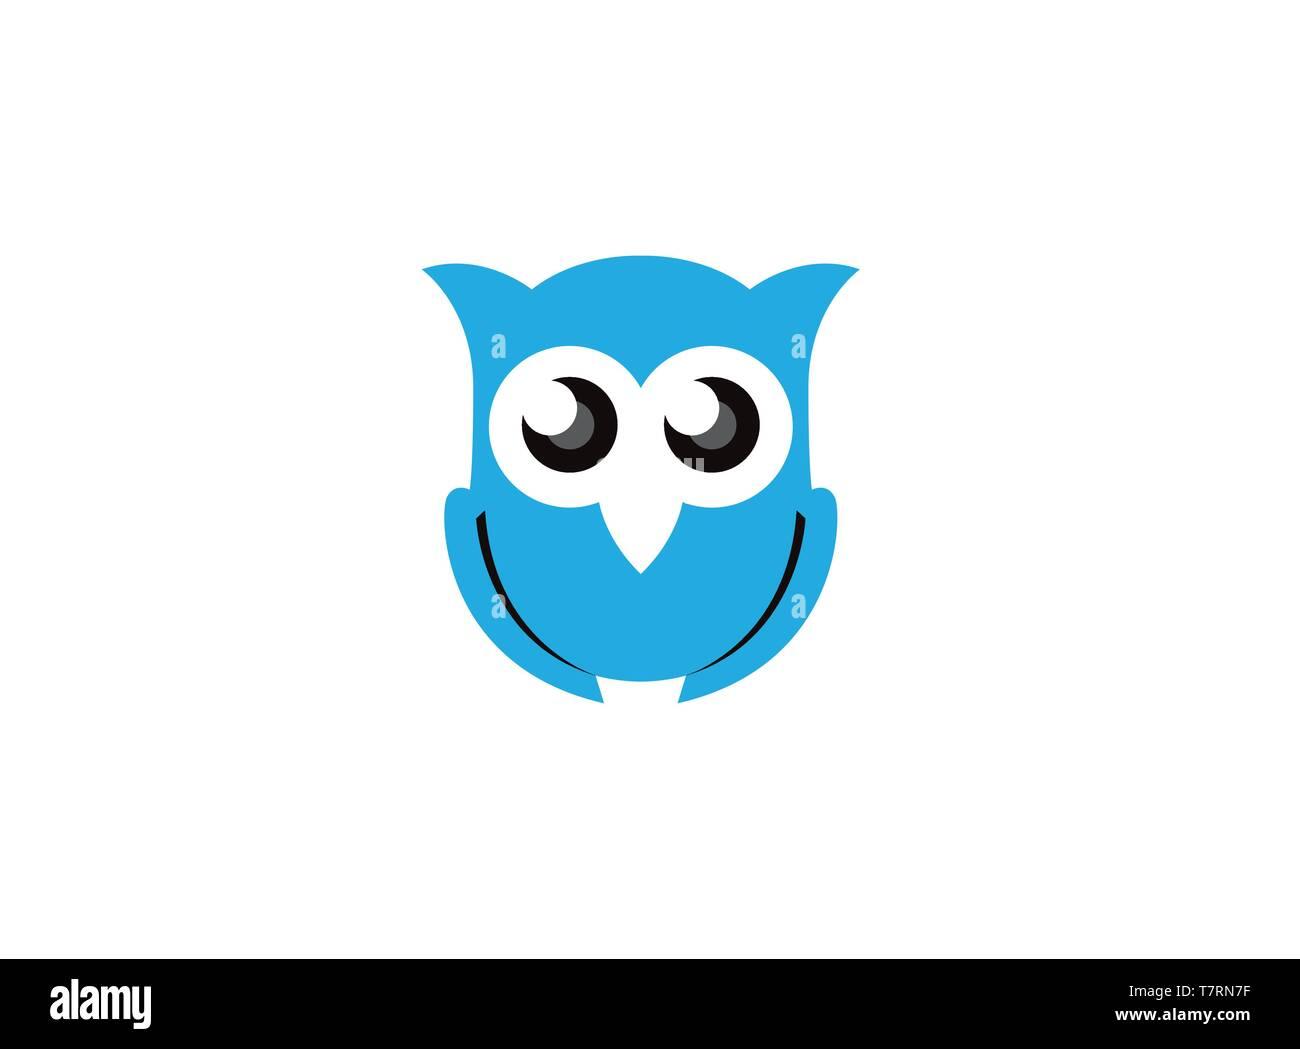 Blue owl open eyes for logo - Stock Vector